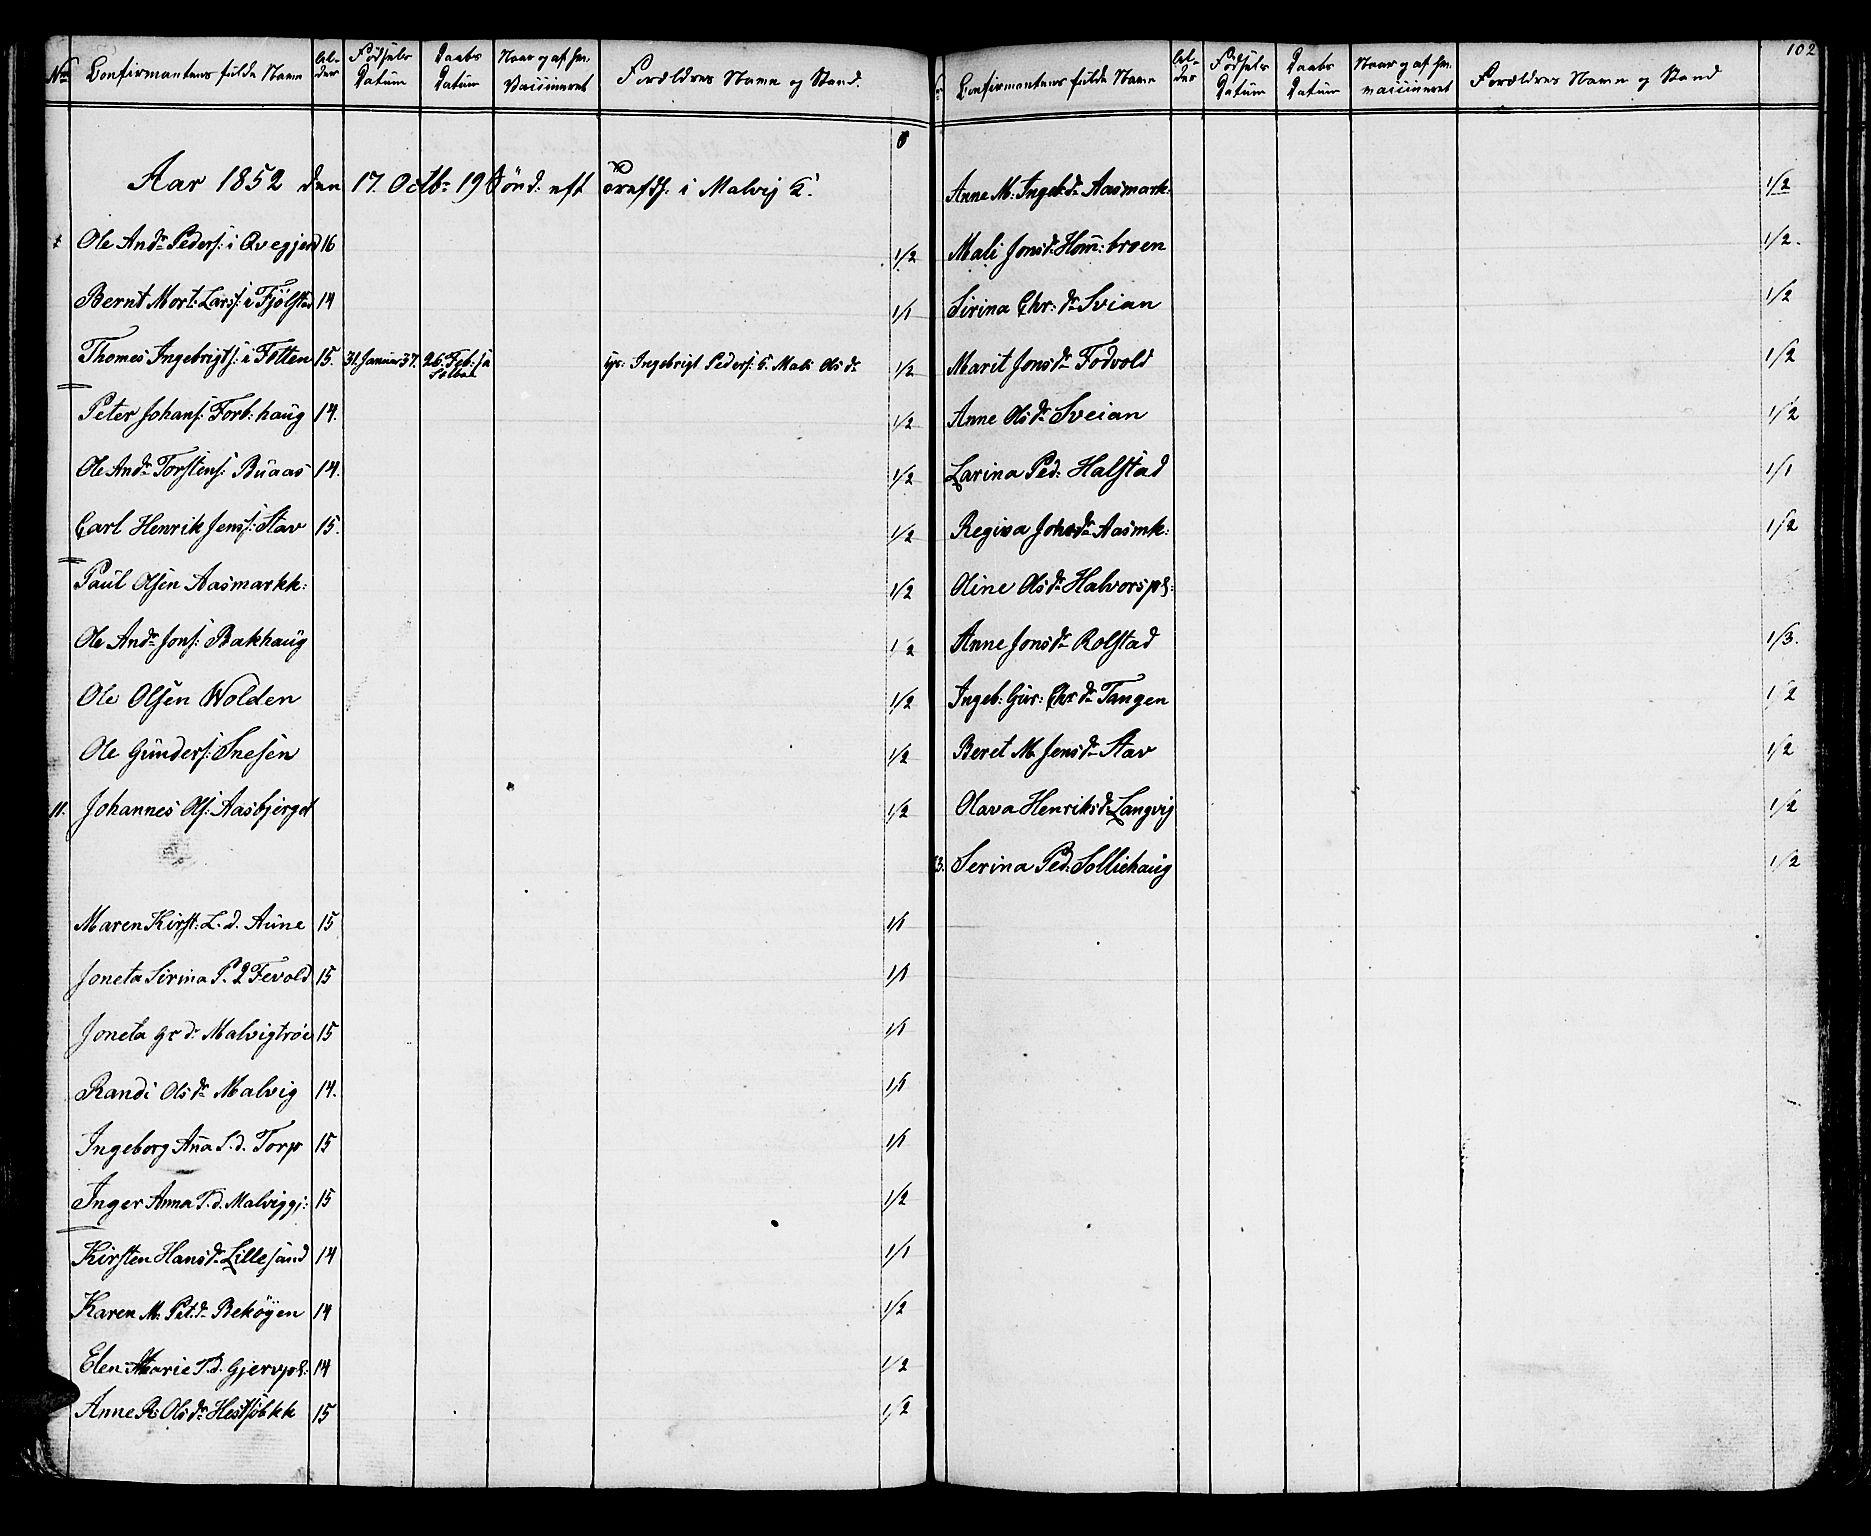 SAT, Ministerialprotokoller, klokkerbøker og fødselsregistre - Sør-Trøndelag, 616/L0422: Klokkerbok nr. 616C05, 1850-1888, s. 102